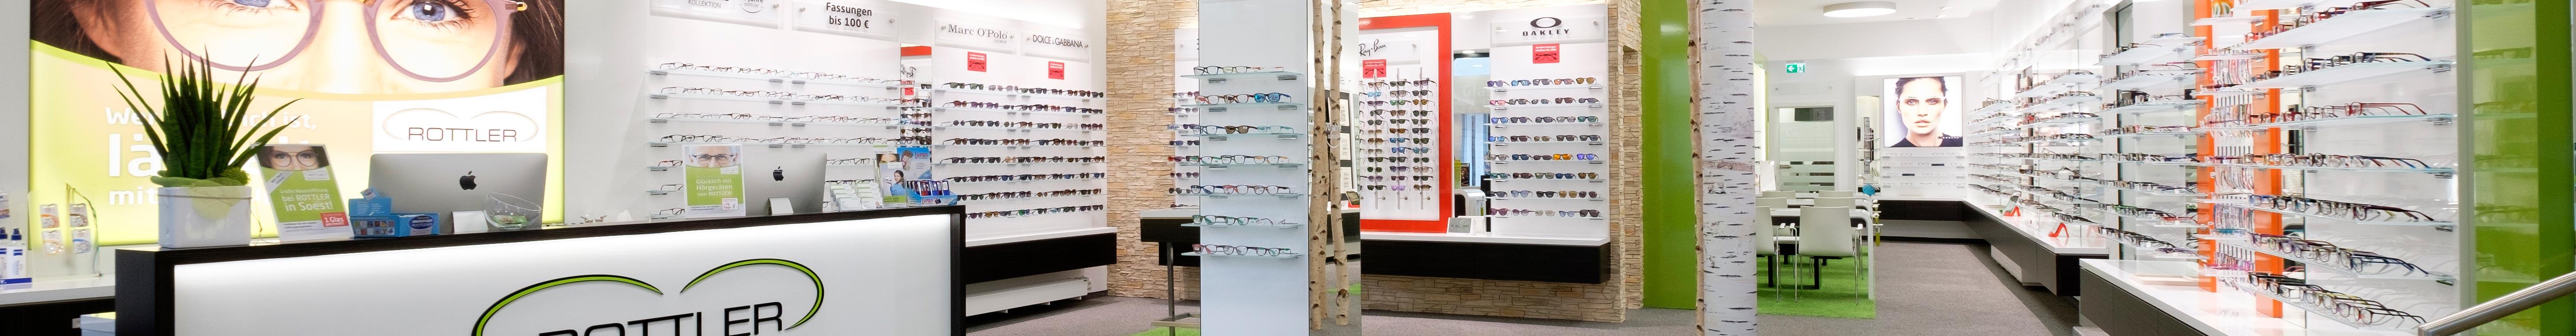 7713cbee4ebfef Brillen und Kontaktlinsen in Dorsten | Jetzt beraten lassen!